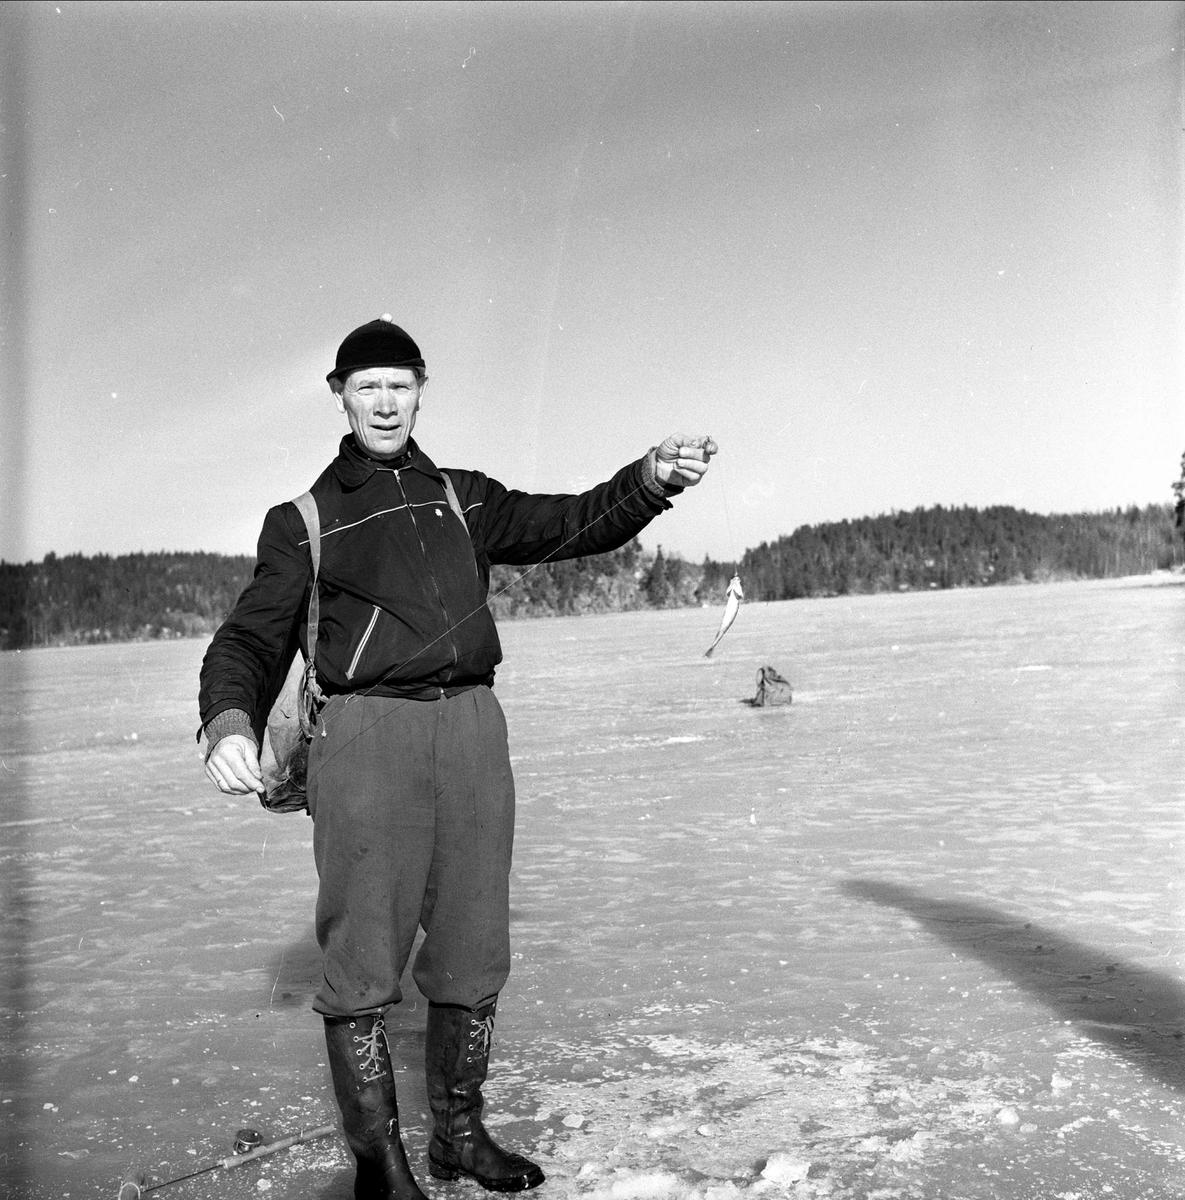 Isfiske, pilking på Gjersjøen, Oppegård, 11.03.1959